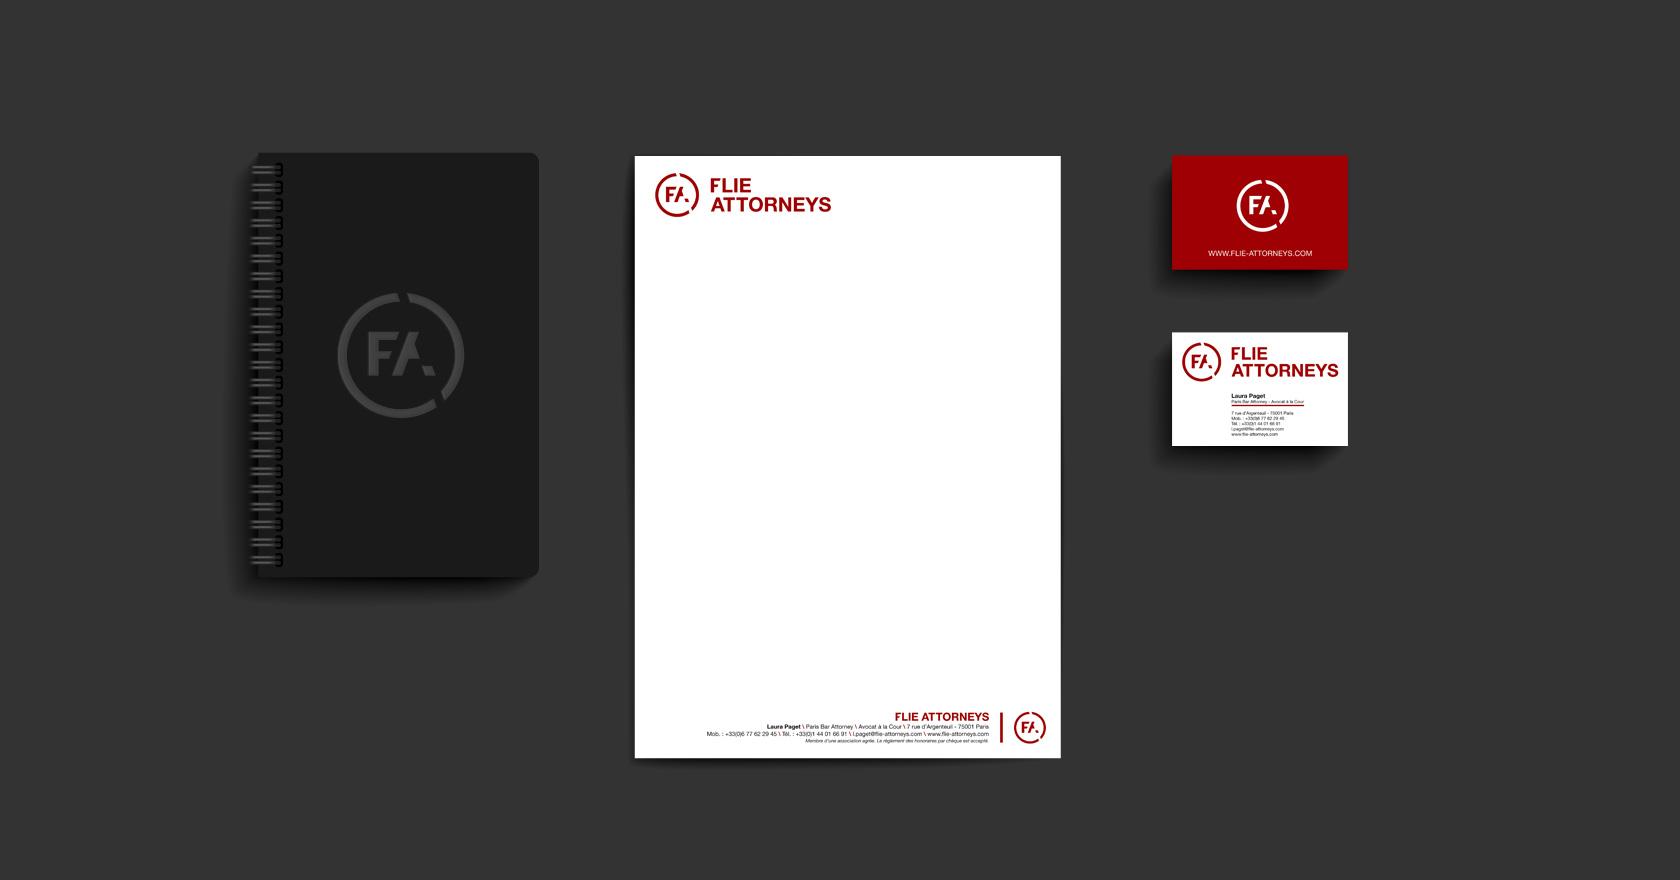 FLIE ATTORNEYS - création logotype et suite de correspondance - création Wala studio